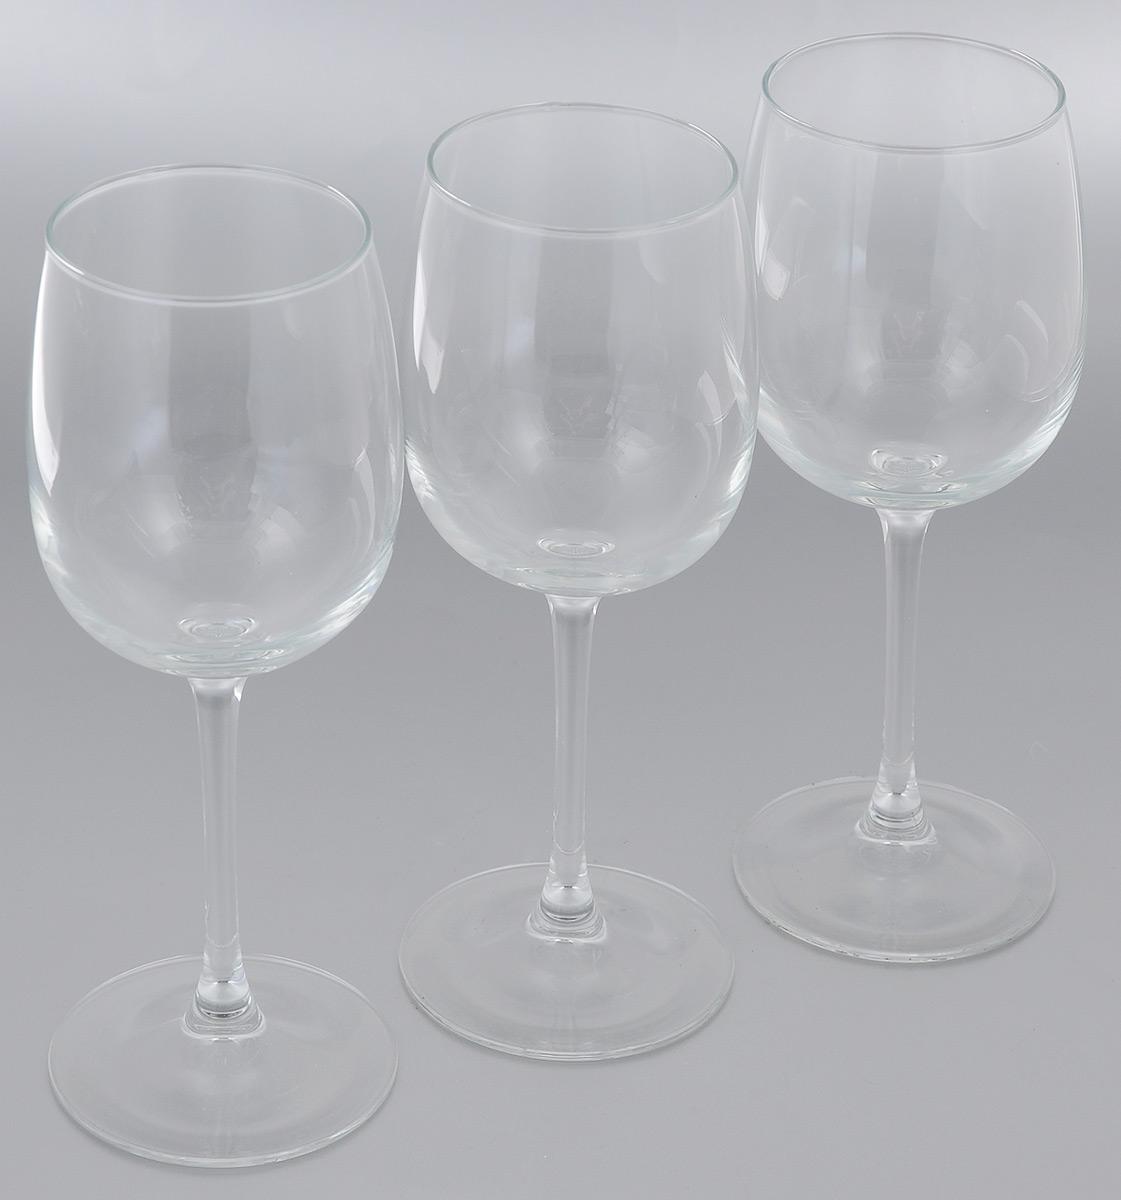 Набор фужеров для вина Luminarc Аллегресс пикник, 420 мл, 3 штL1029Набор Luminarc Аллегресс пикник состоит из трех фужеров, выполненных из прочного стекла. Изделия оснащены высокими ножками. Фужеры предназначены для подачи вина. Они сочетают в себе элегантный дизайн и функциональность. Благодаря такому набору пить напитки будет еще вкуснее. Набор фужеров Luminarc Аллегресс пикник прекрасно оформит праздничный стол и создаст приятную атмосферу за романтическим ужином. Такой набор также станет хорошим подарком к любому случаю. Можно мыть в посудомоечной машине. Диаметр фужера (по верхнему краю): 7 см. Высота фужера: 22 см.